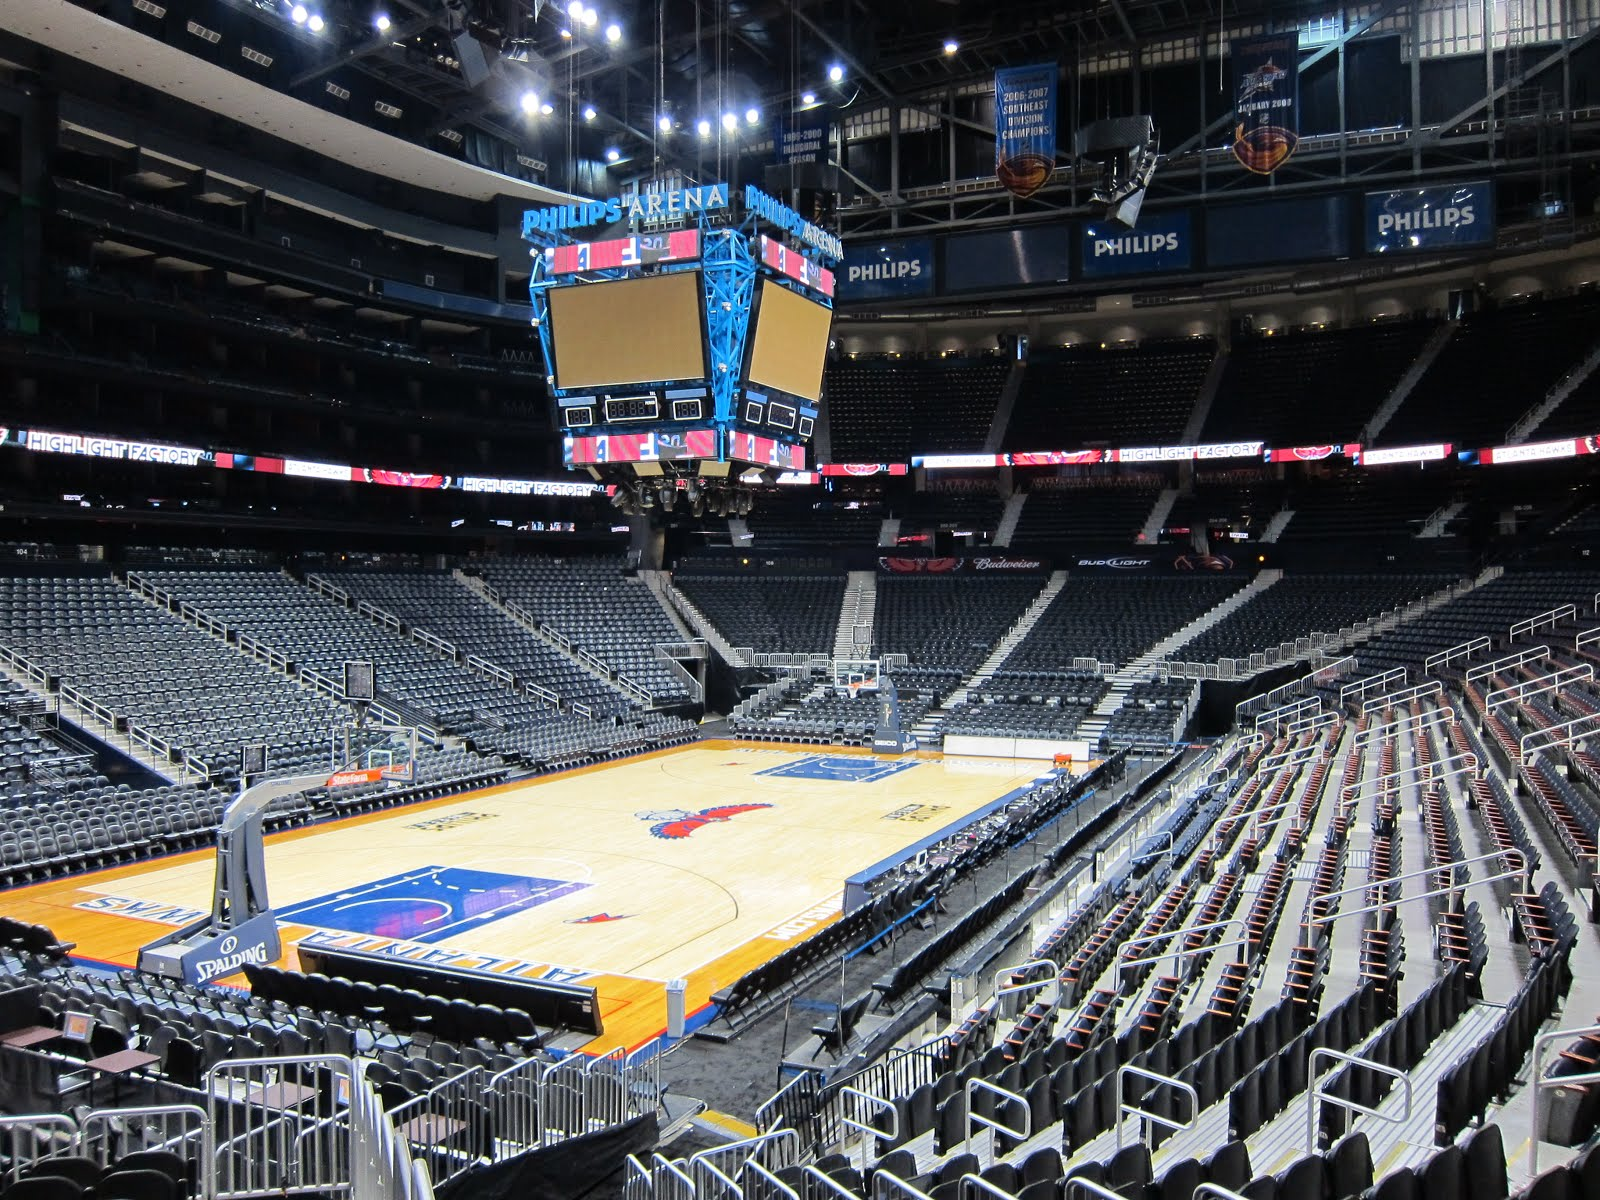 Knicks Vs Hawks Seating Chart